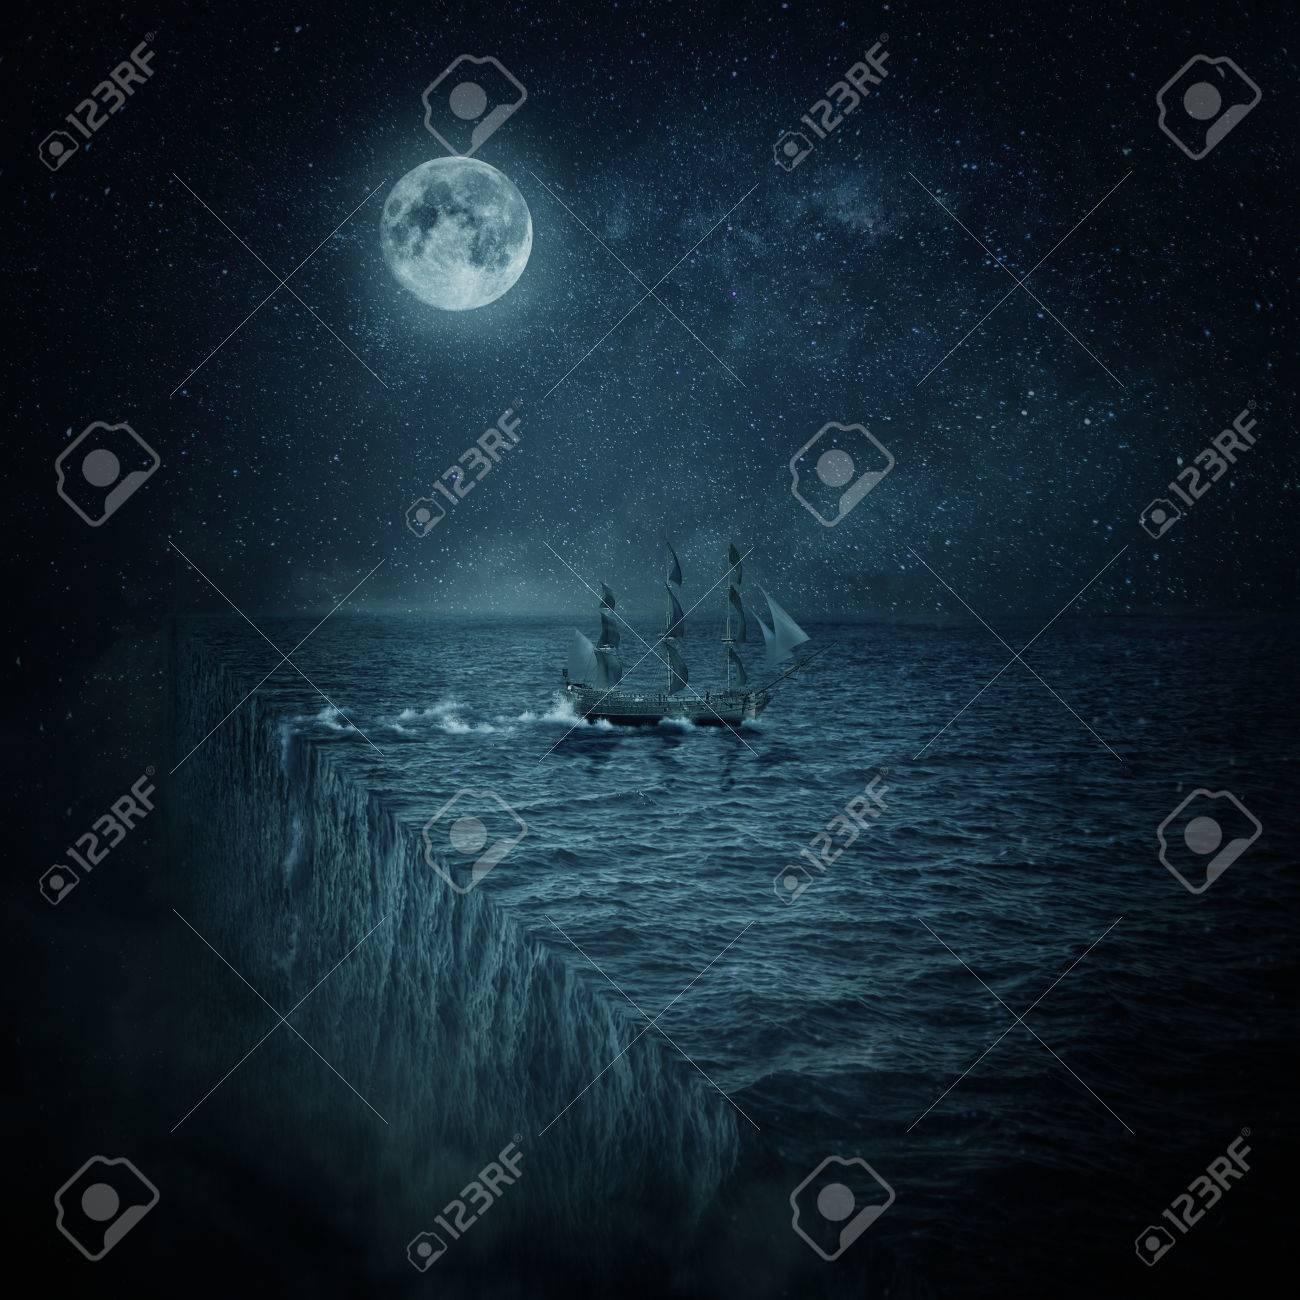 われ 船 幽霊 失 た